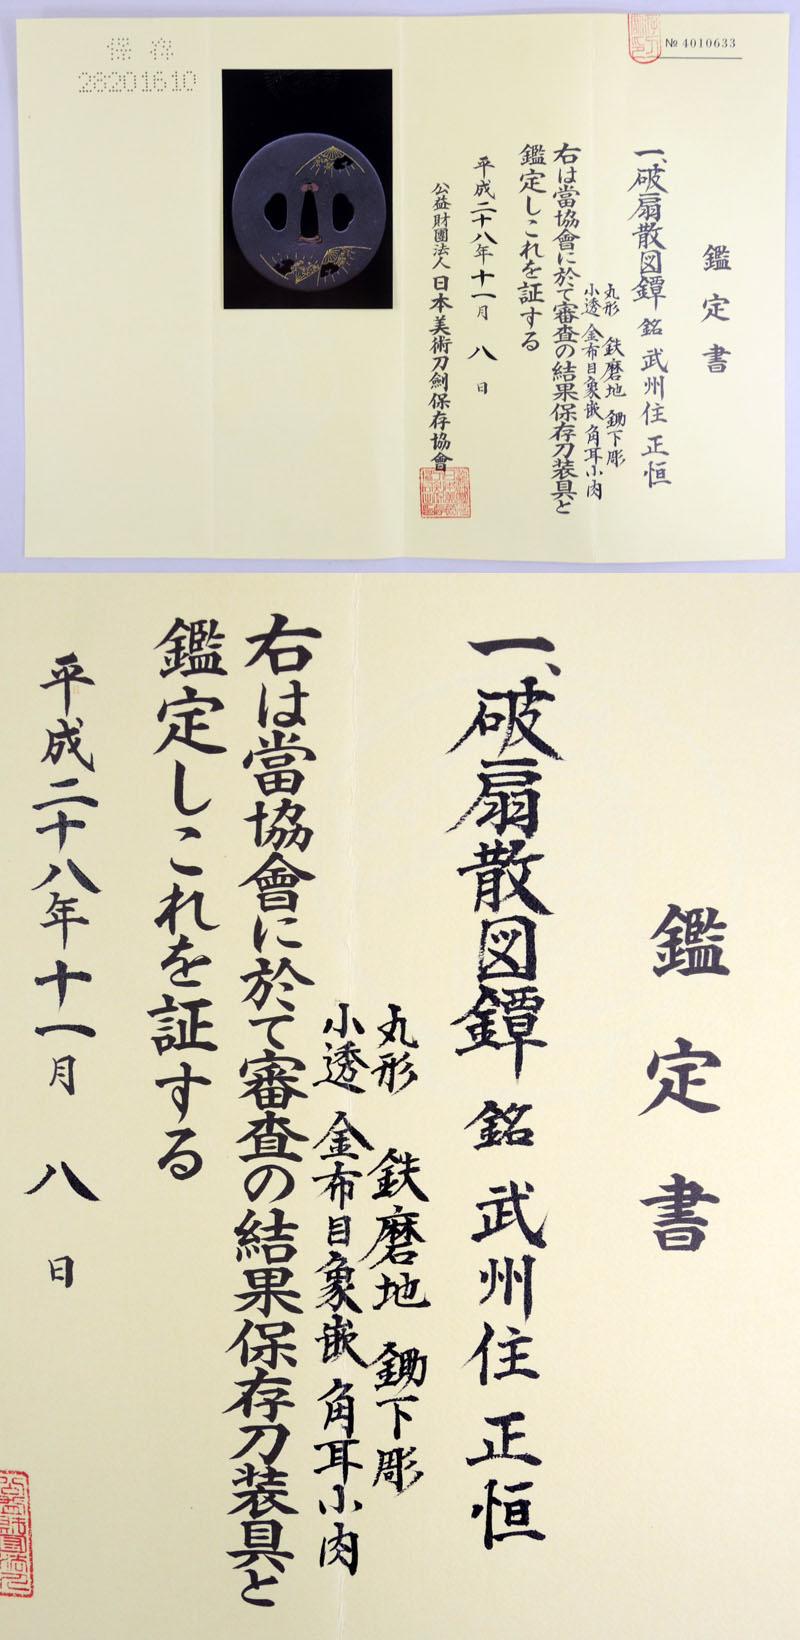 破扇散図鍔 銘 武州住正恒(武州伊藤派) Picture of Certificate